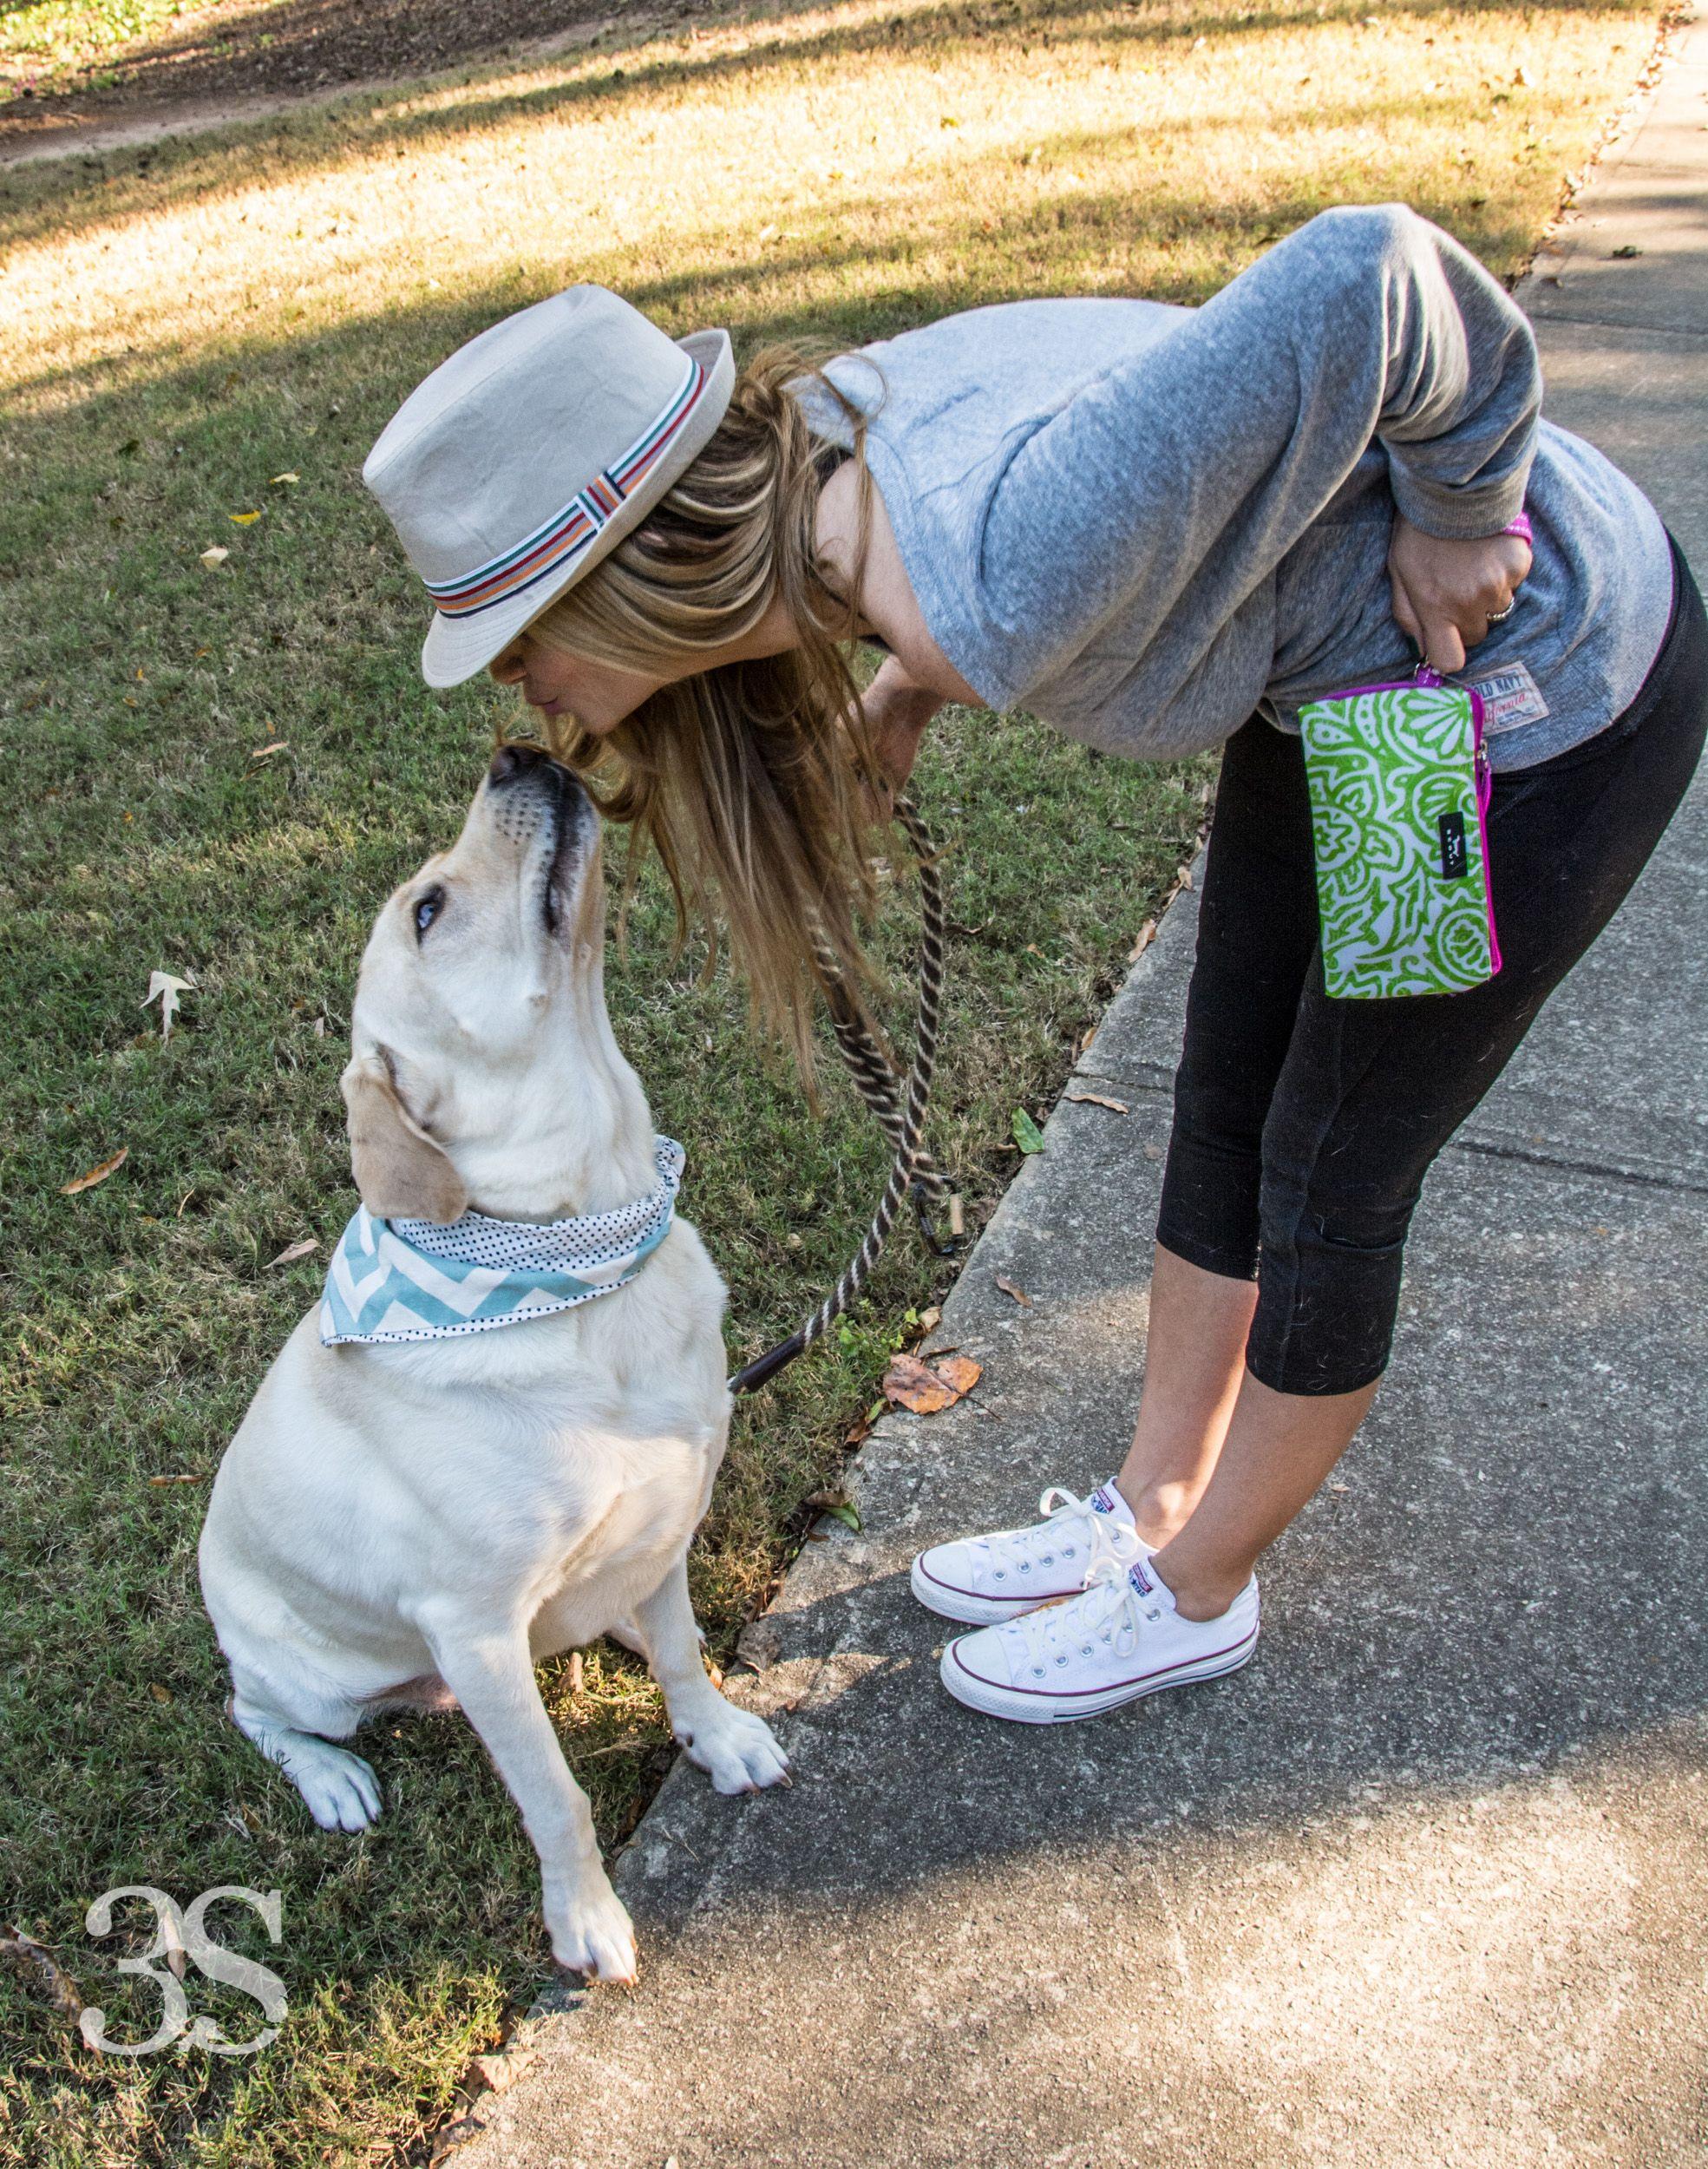 Yes I kiss my dog and no I don't think it's gross! Behind